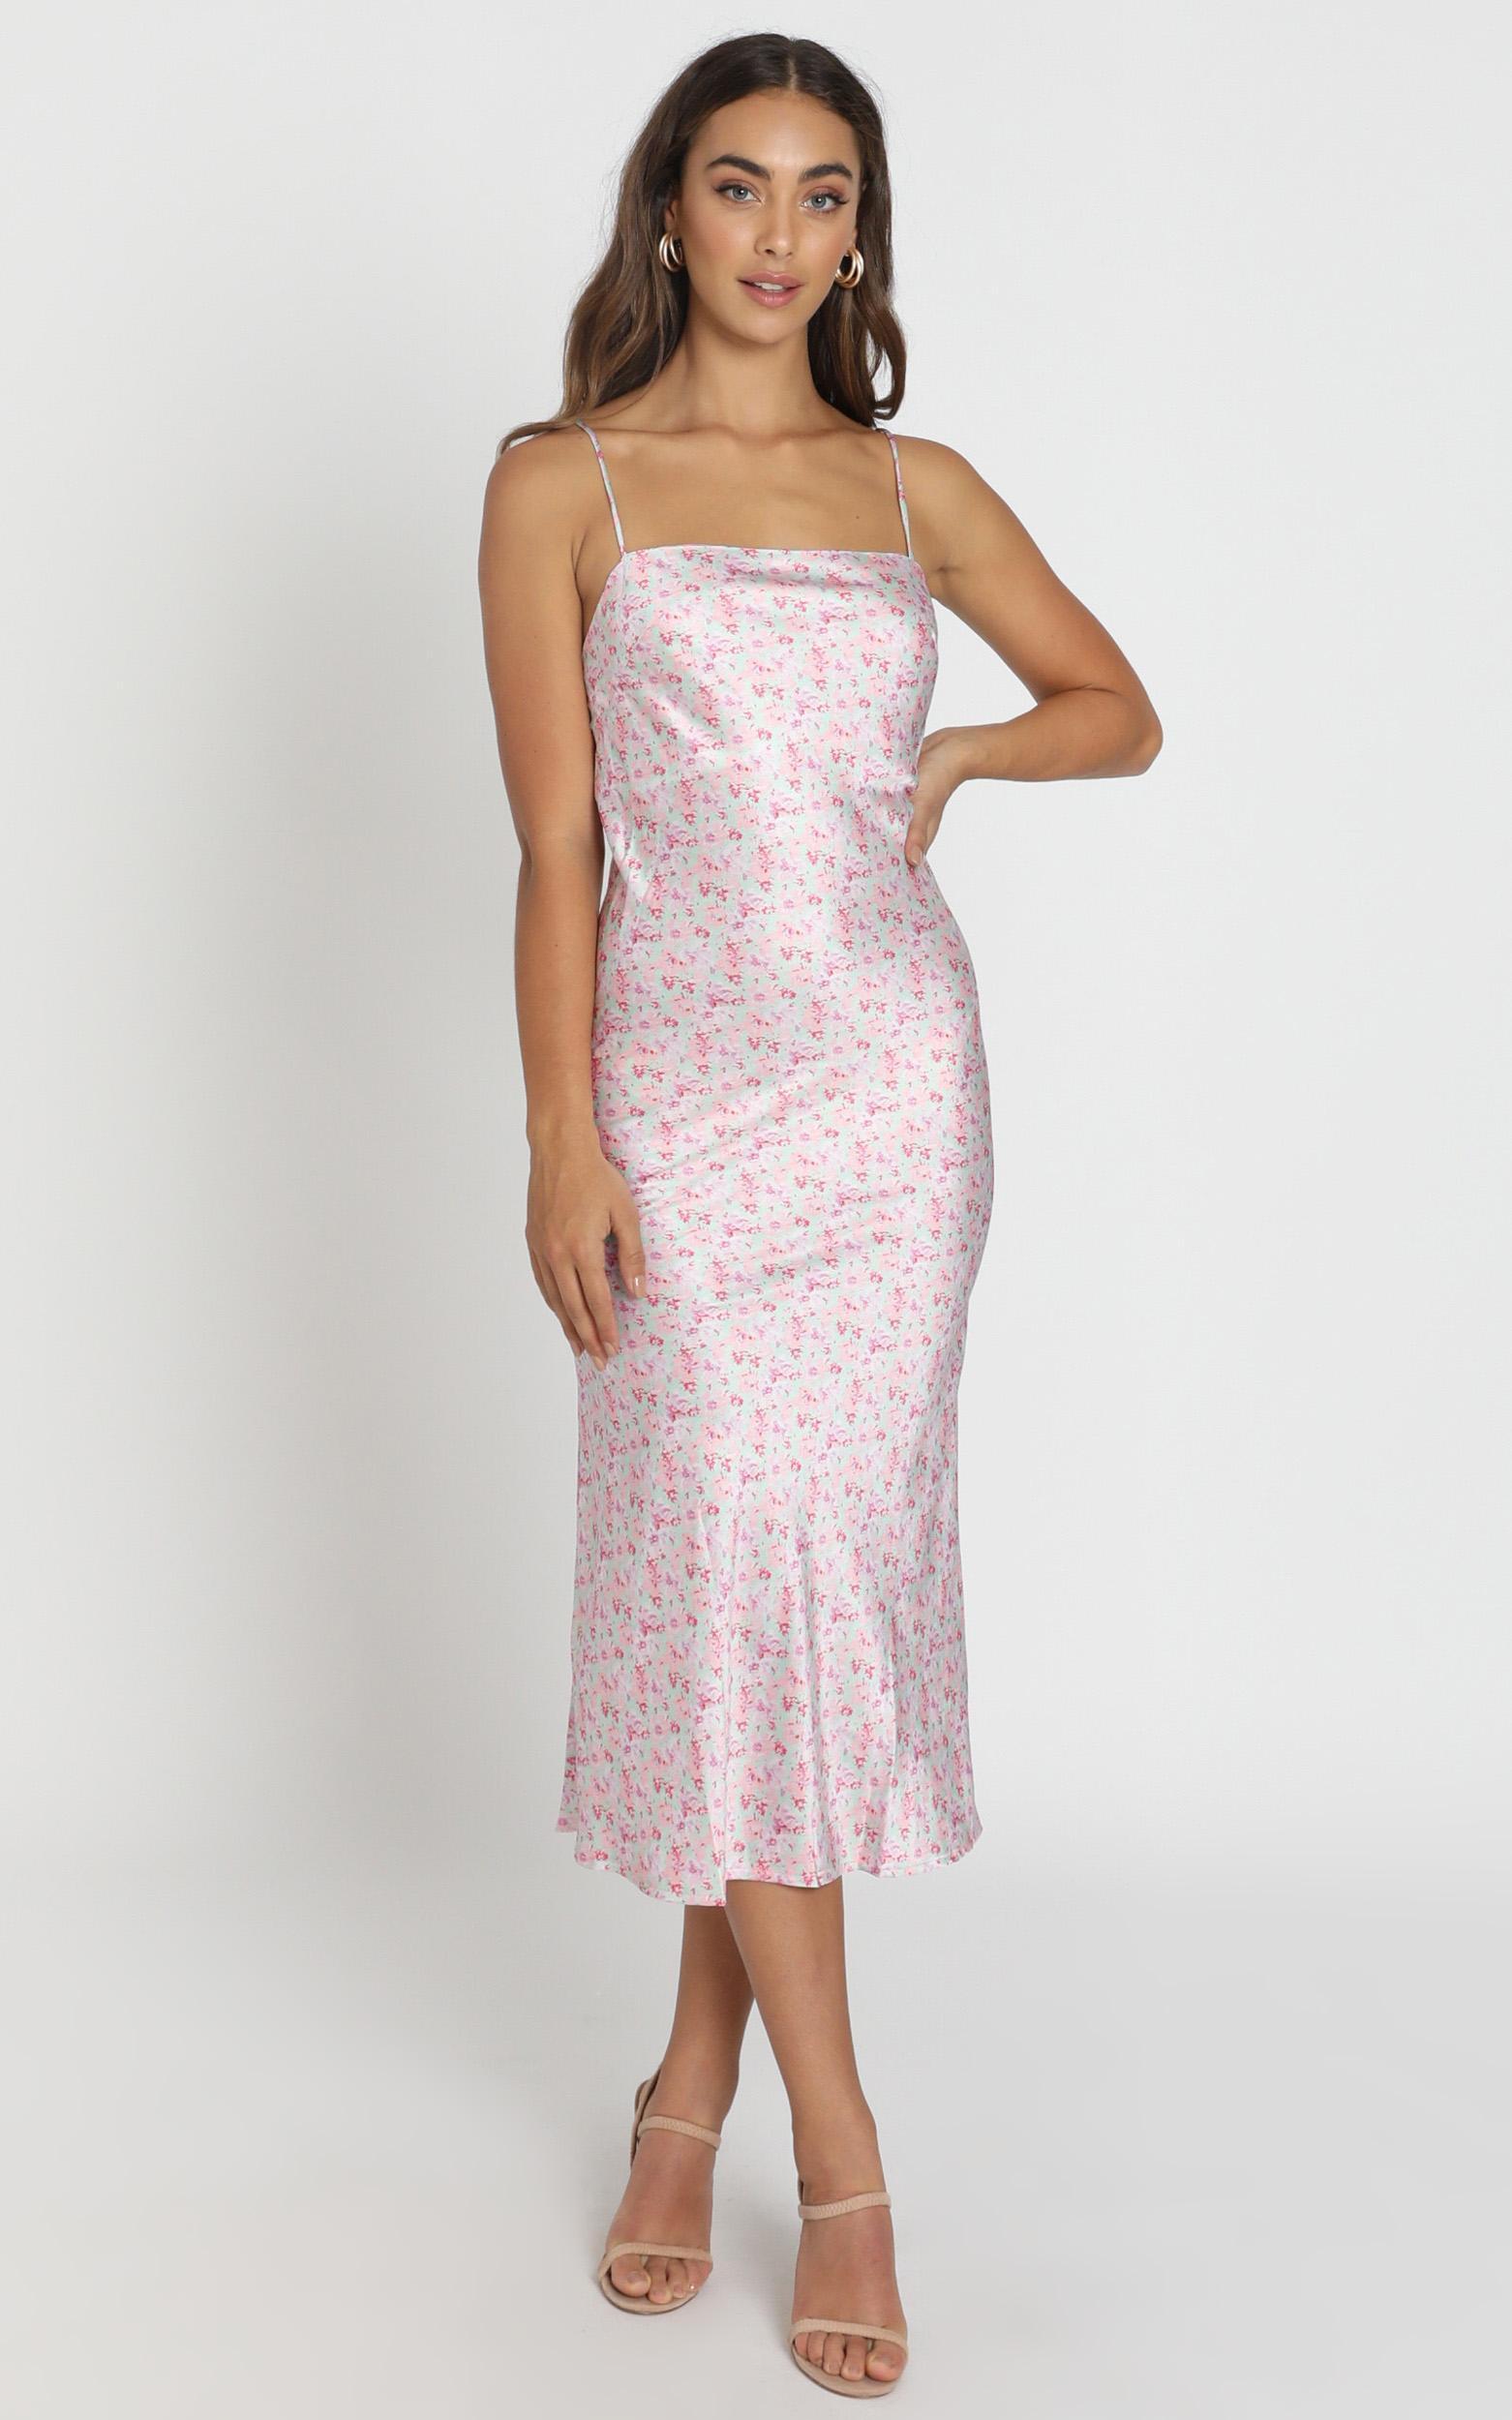 Regina Satin Slip Dress in pink floral - 6 (XS), PNK1, hi-res image number null